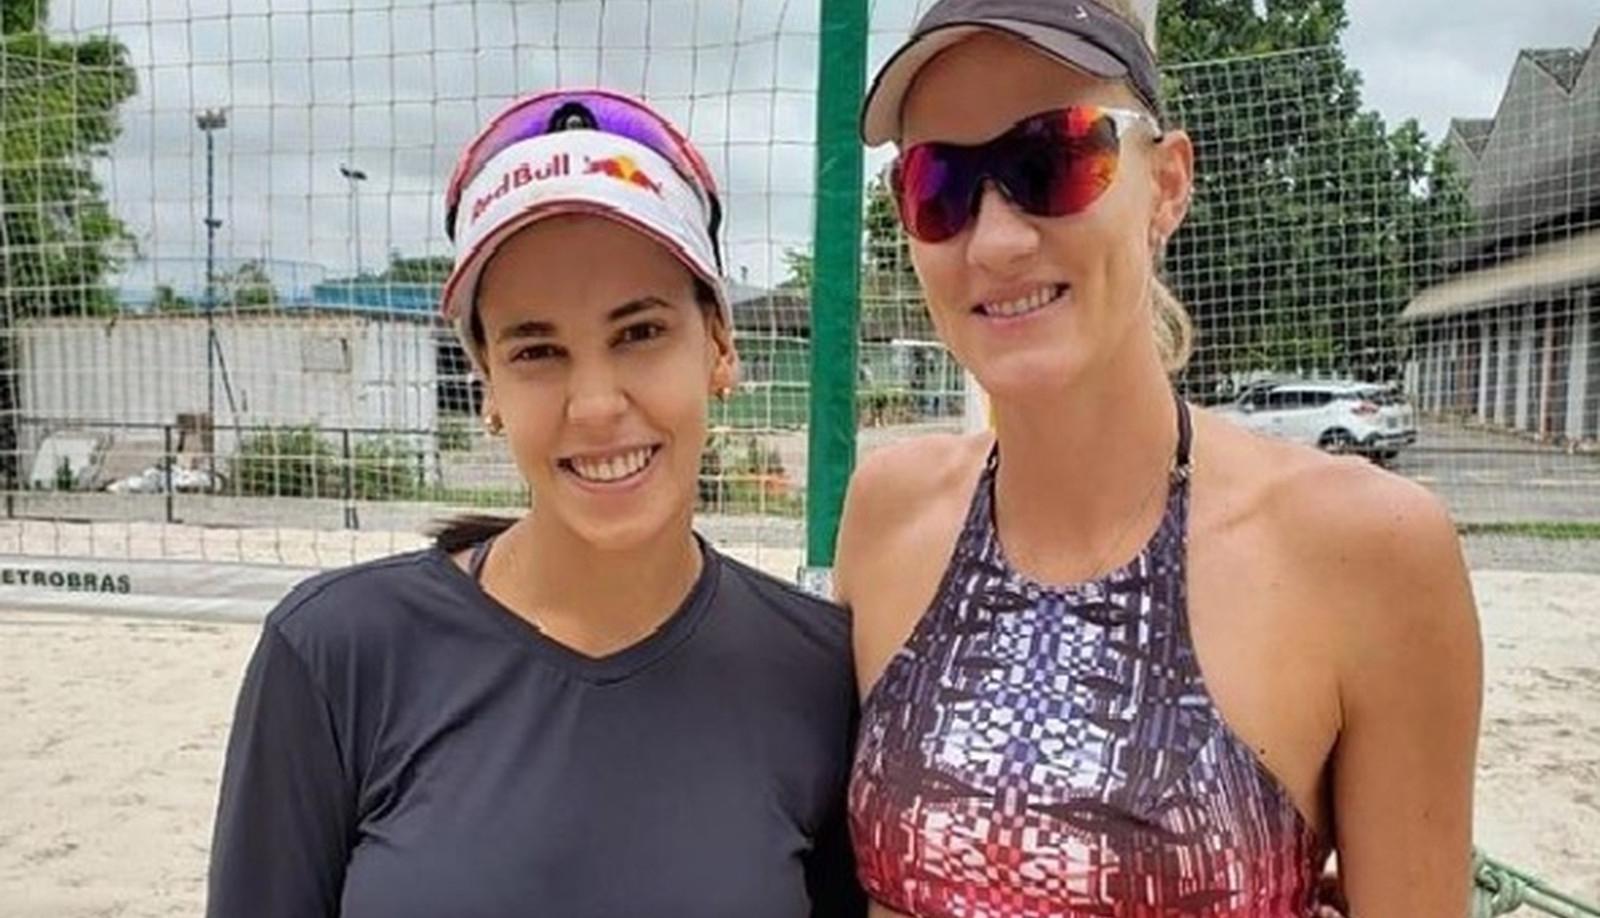 Campeã olímpica Mari estreia no vôlei de praia com Duda, em Ribeirão Preto (SP)